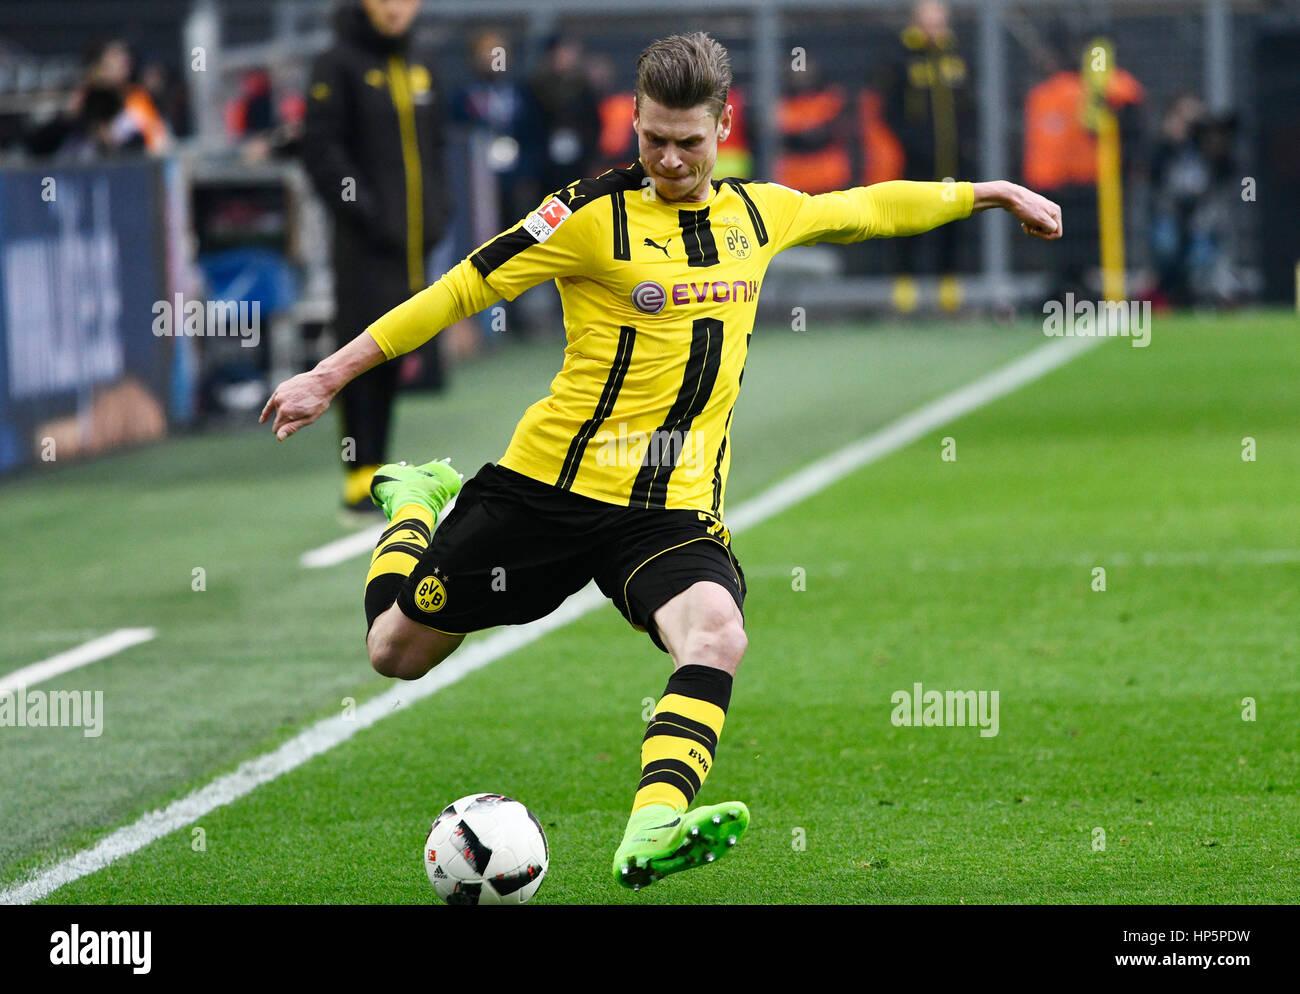 Parque Signal-Iduna, Dortmund, Alemania. 18 de febrero, 2017. La temporada 2016/17 de la Bundesliga alemana de fútbol, Foto de stock